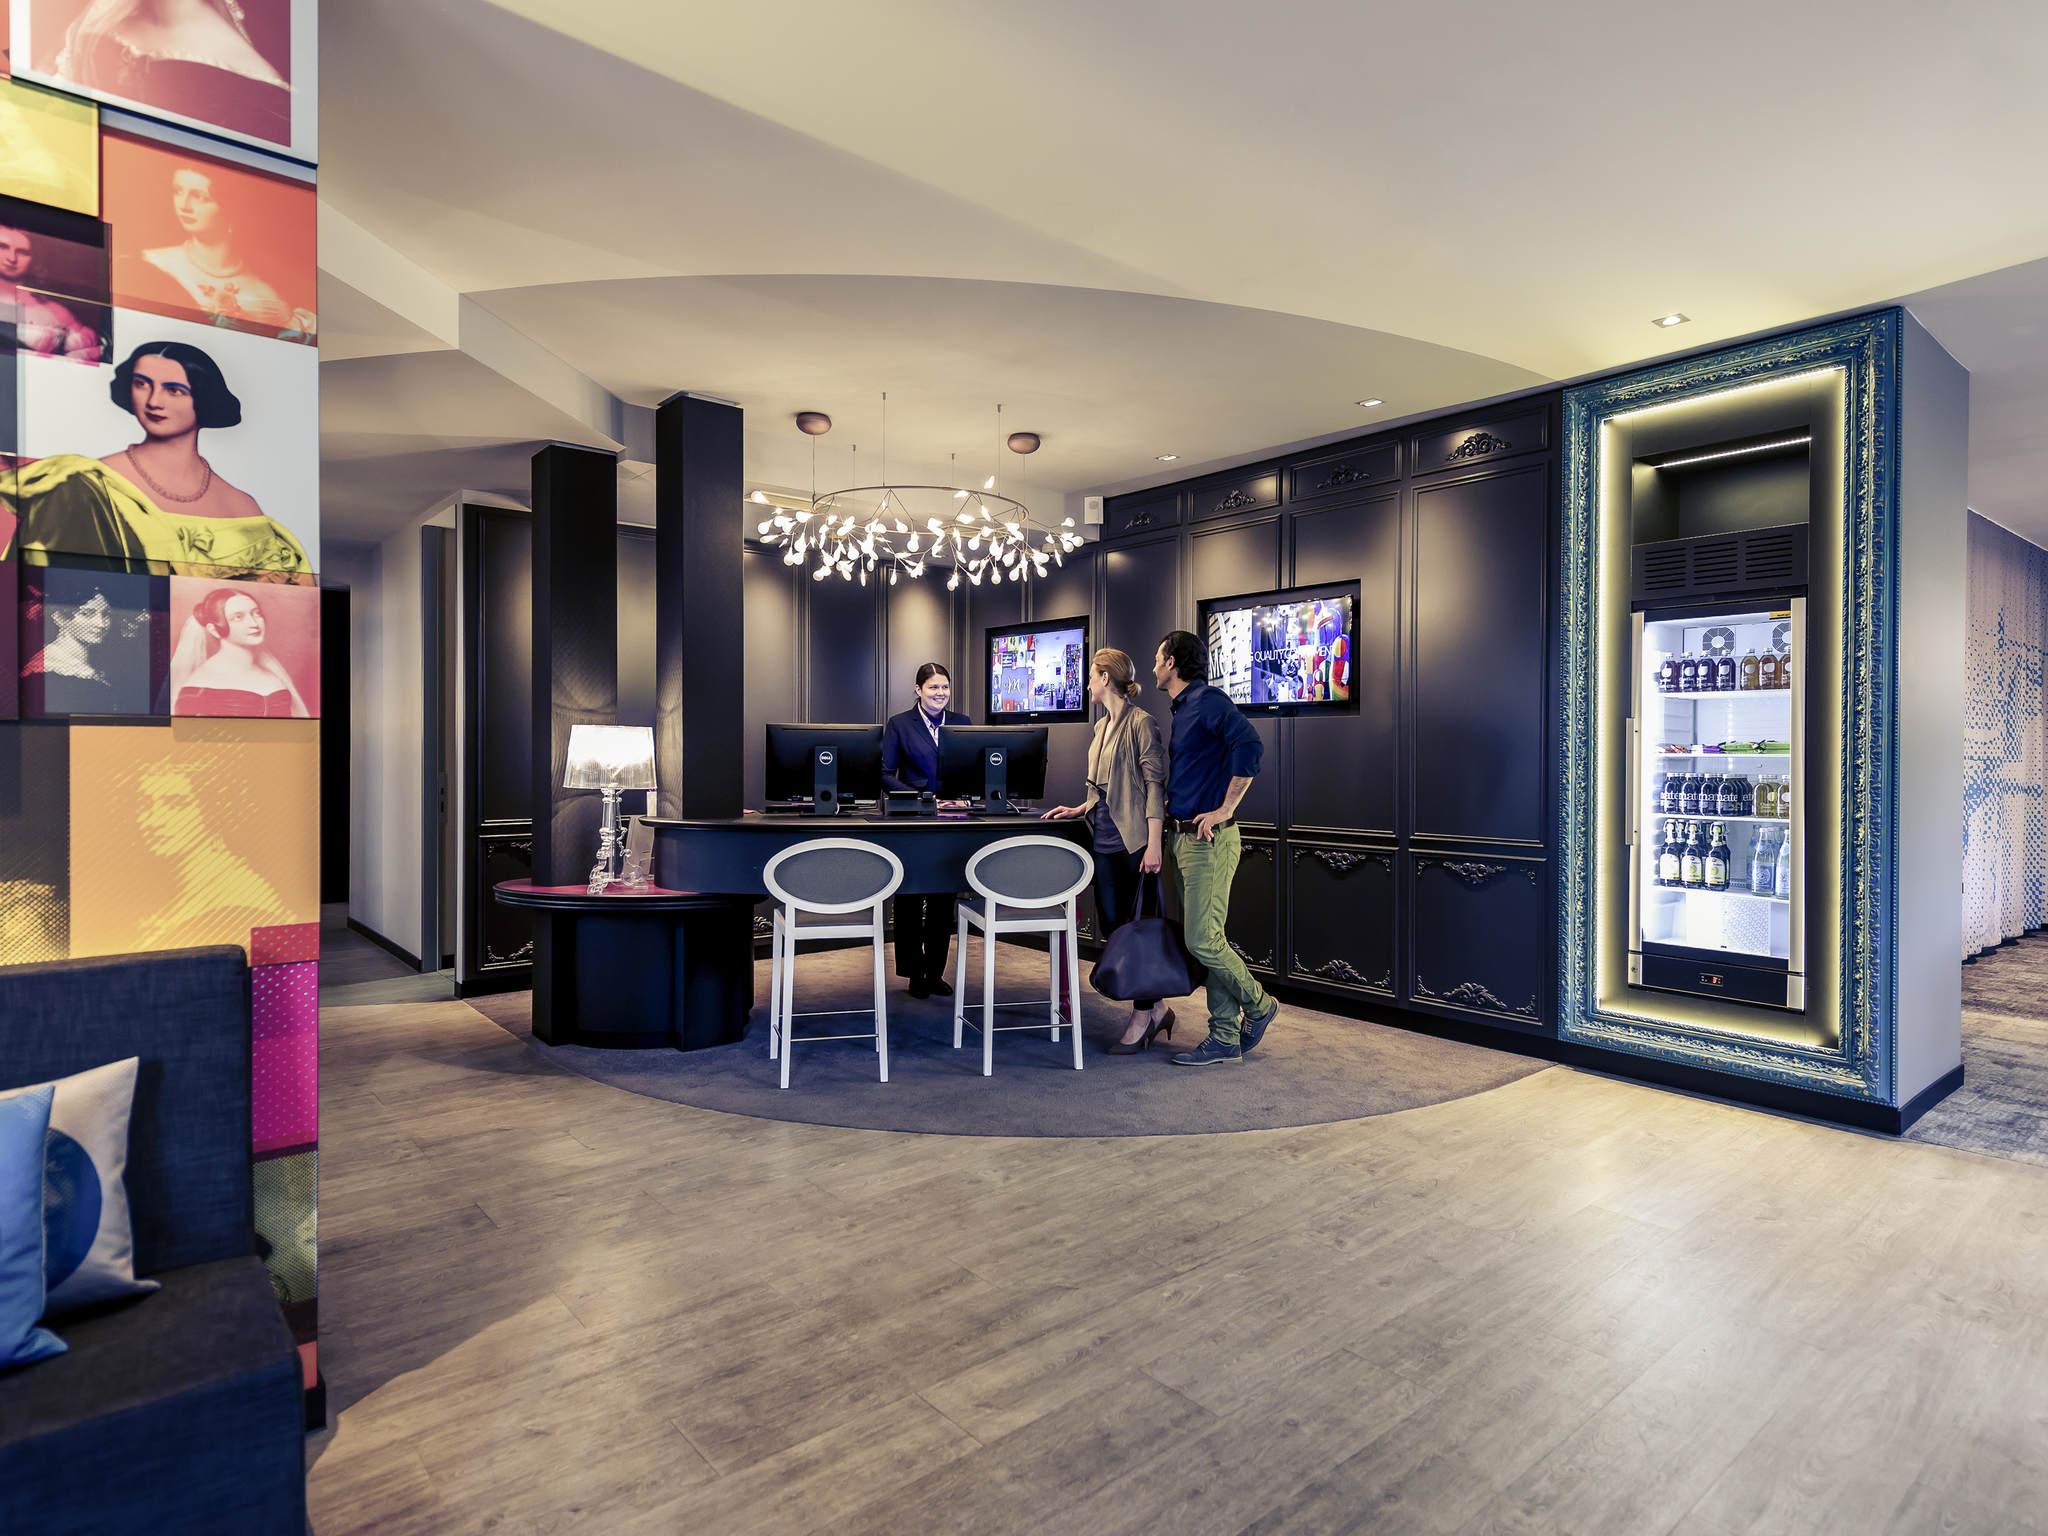 โรงแรม – โรงแรมเมอร์เคียว มุนเช่น โอลิมเปียปาร์ค